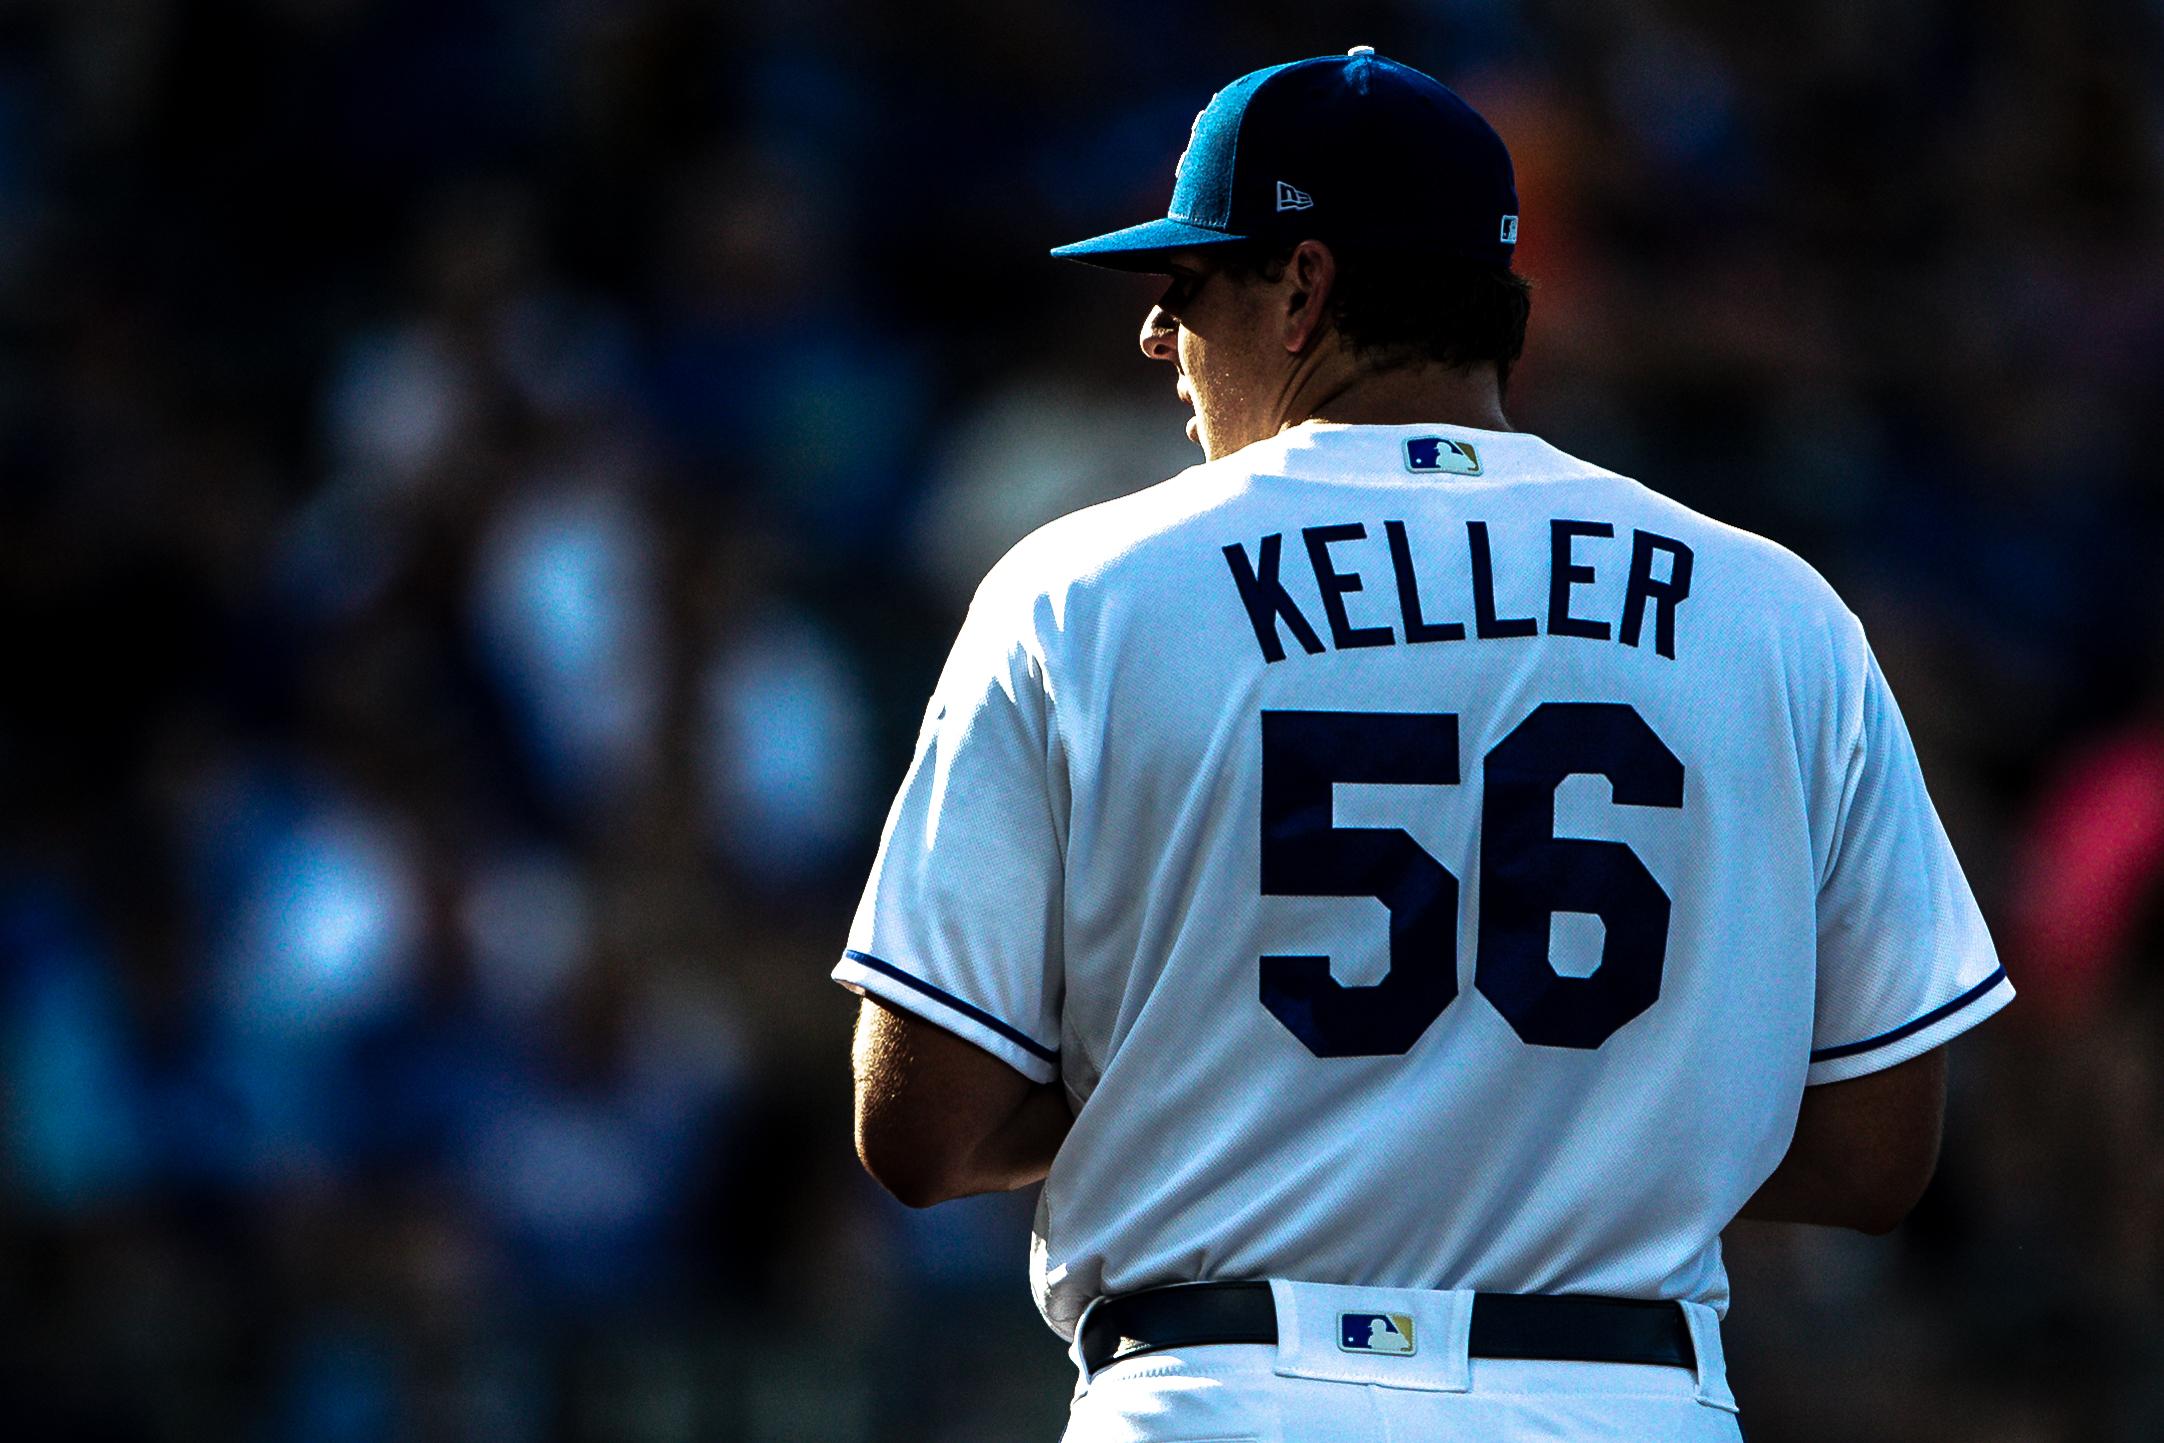 MLB: JUL 13 Tigers at Royals